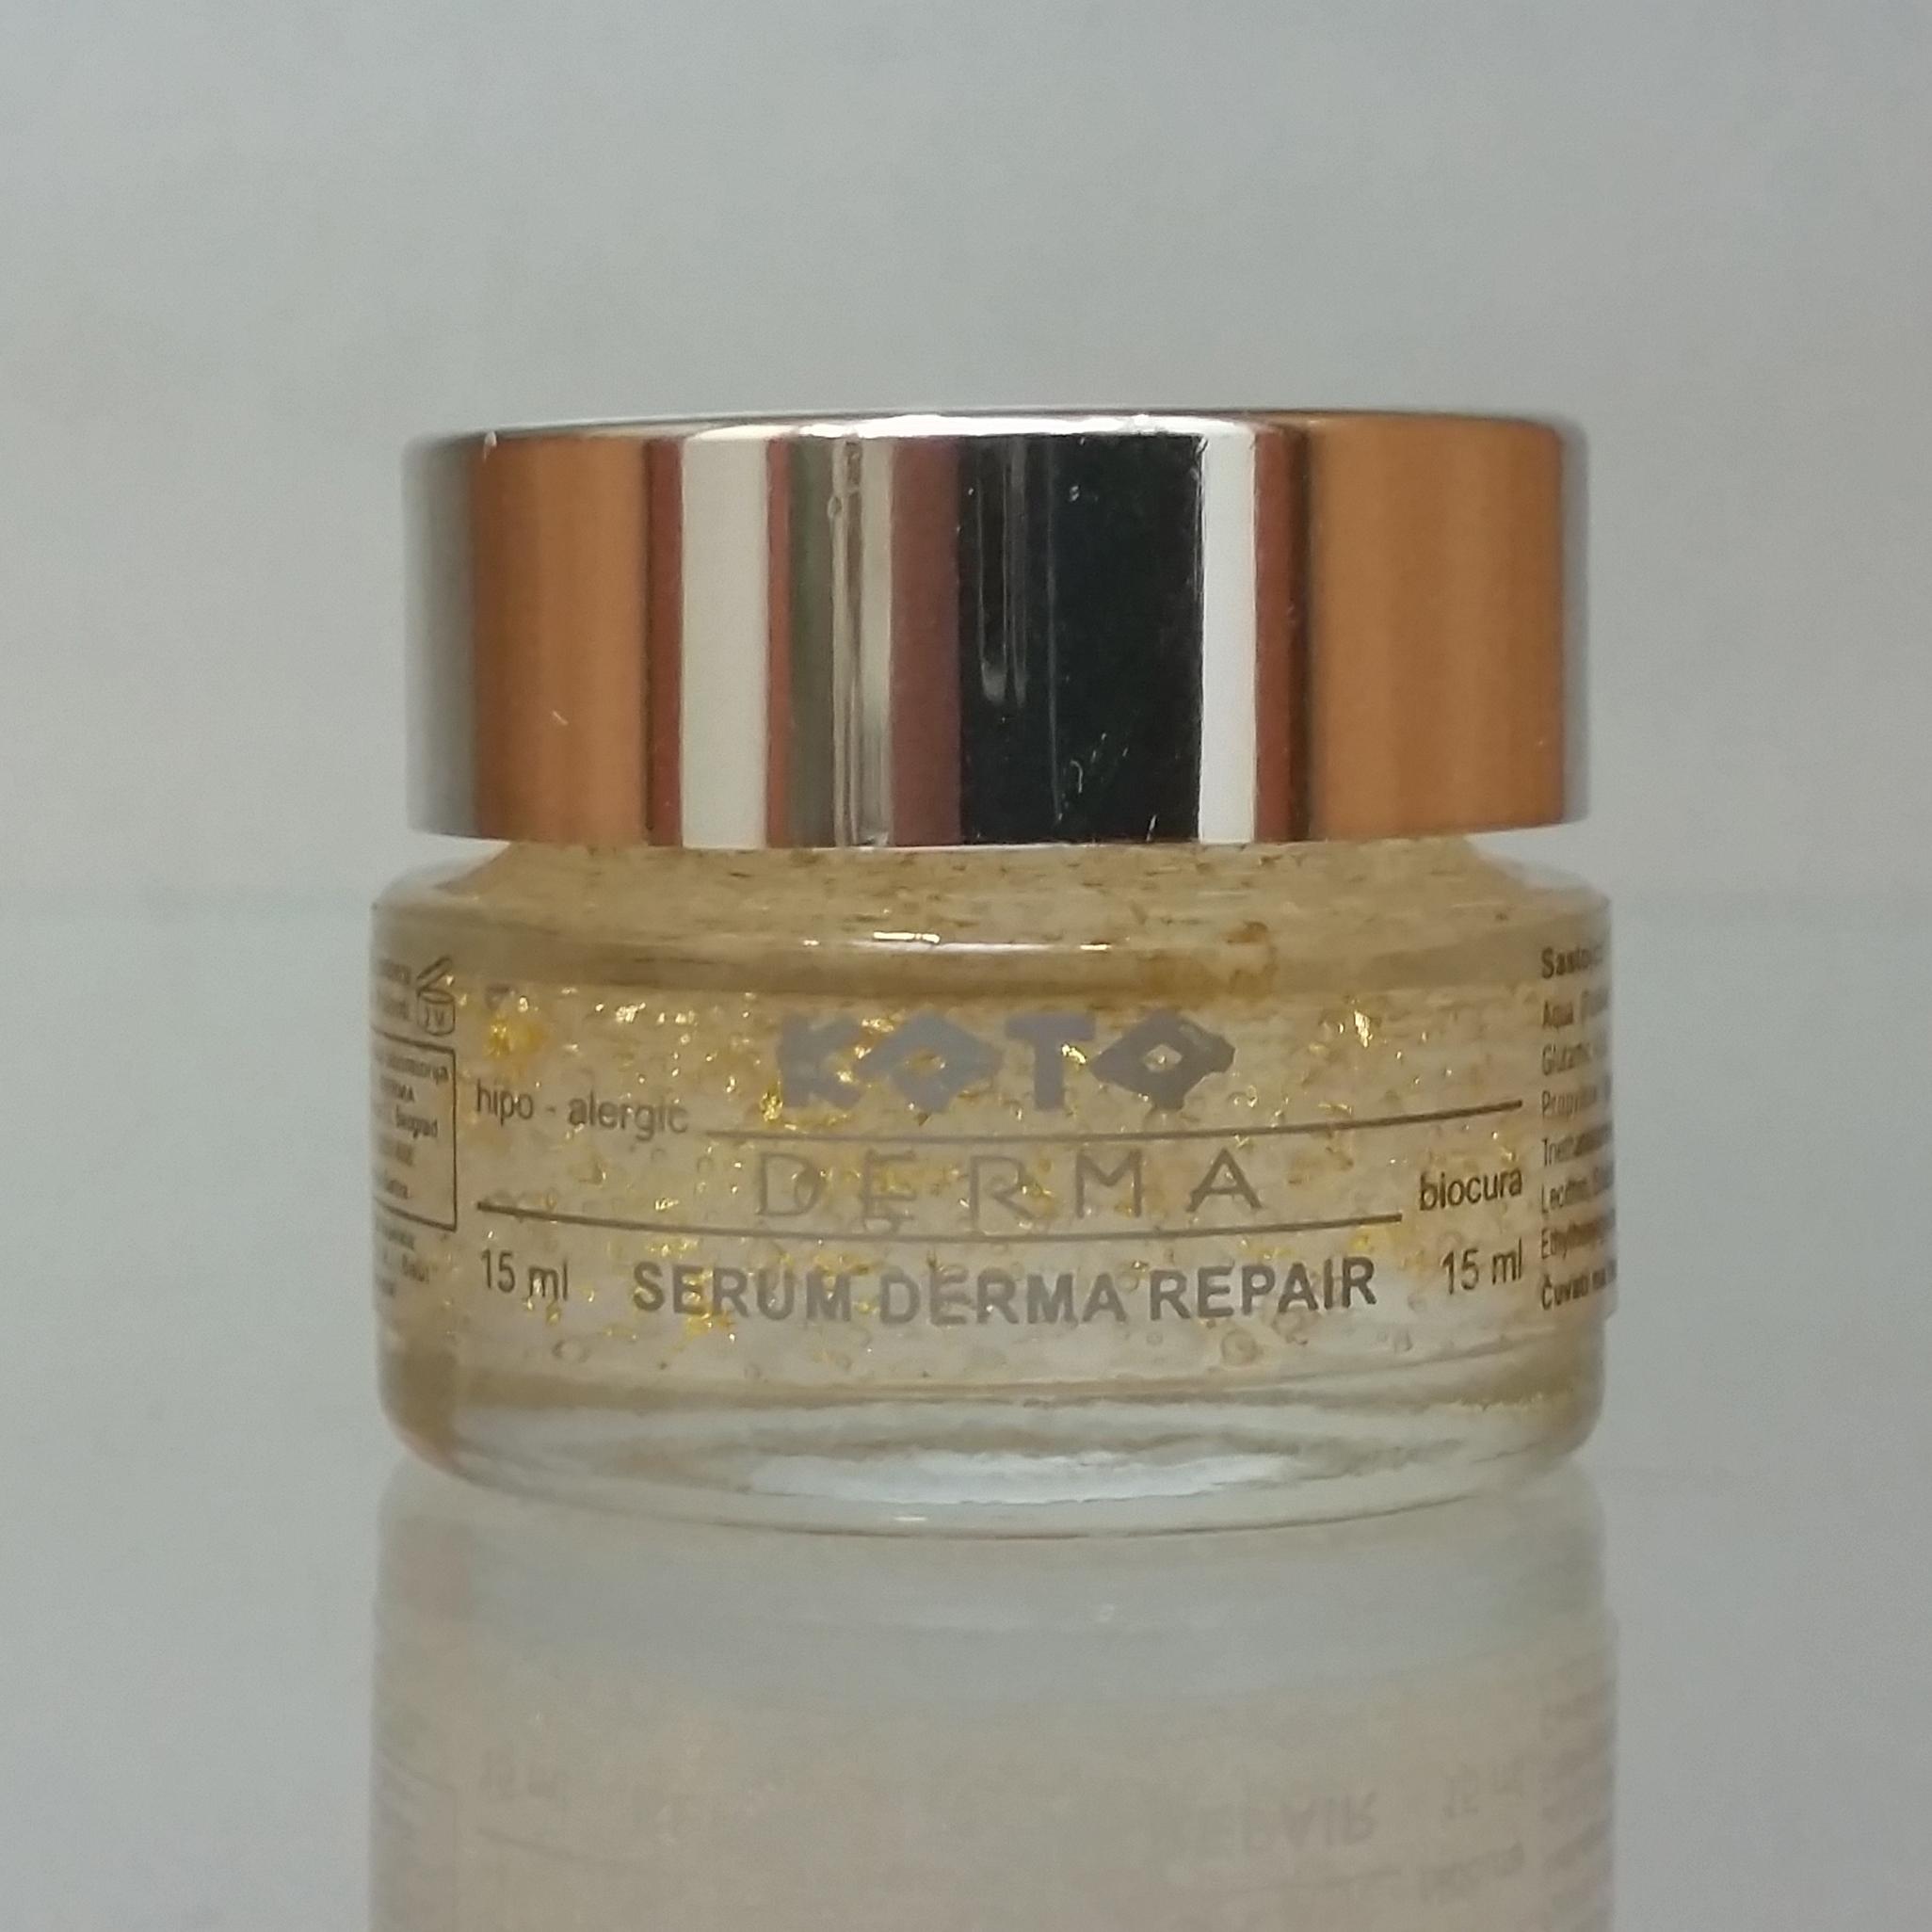 Serum derma repair